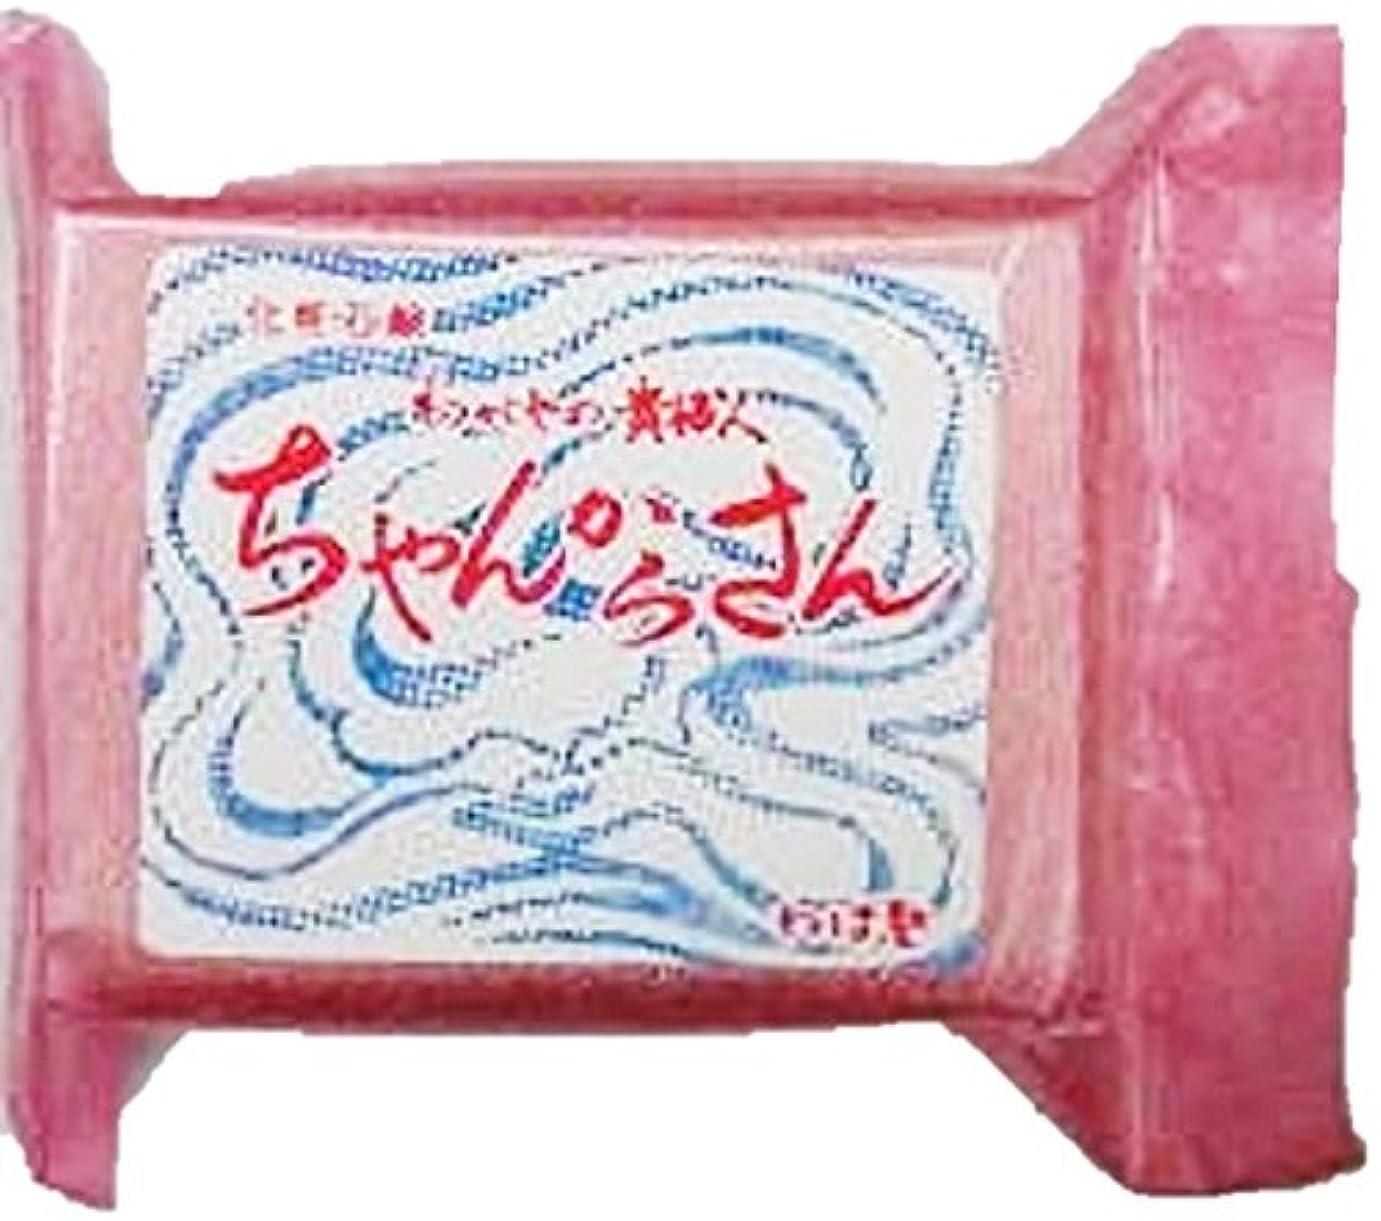 機知に富んだスライム苦痛ちゃんからさん 化粧石鹸 (95g)